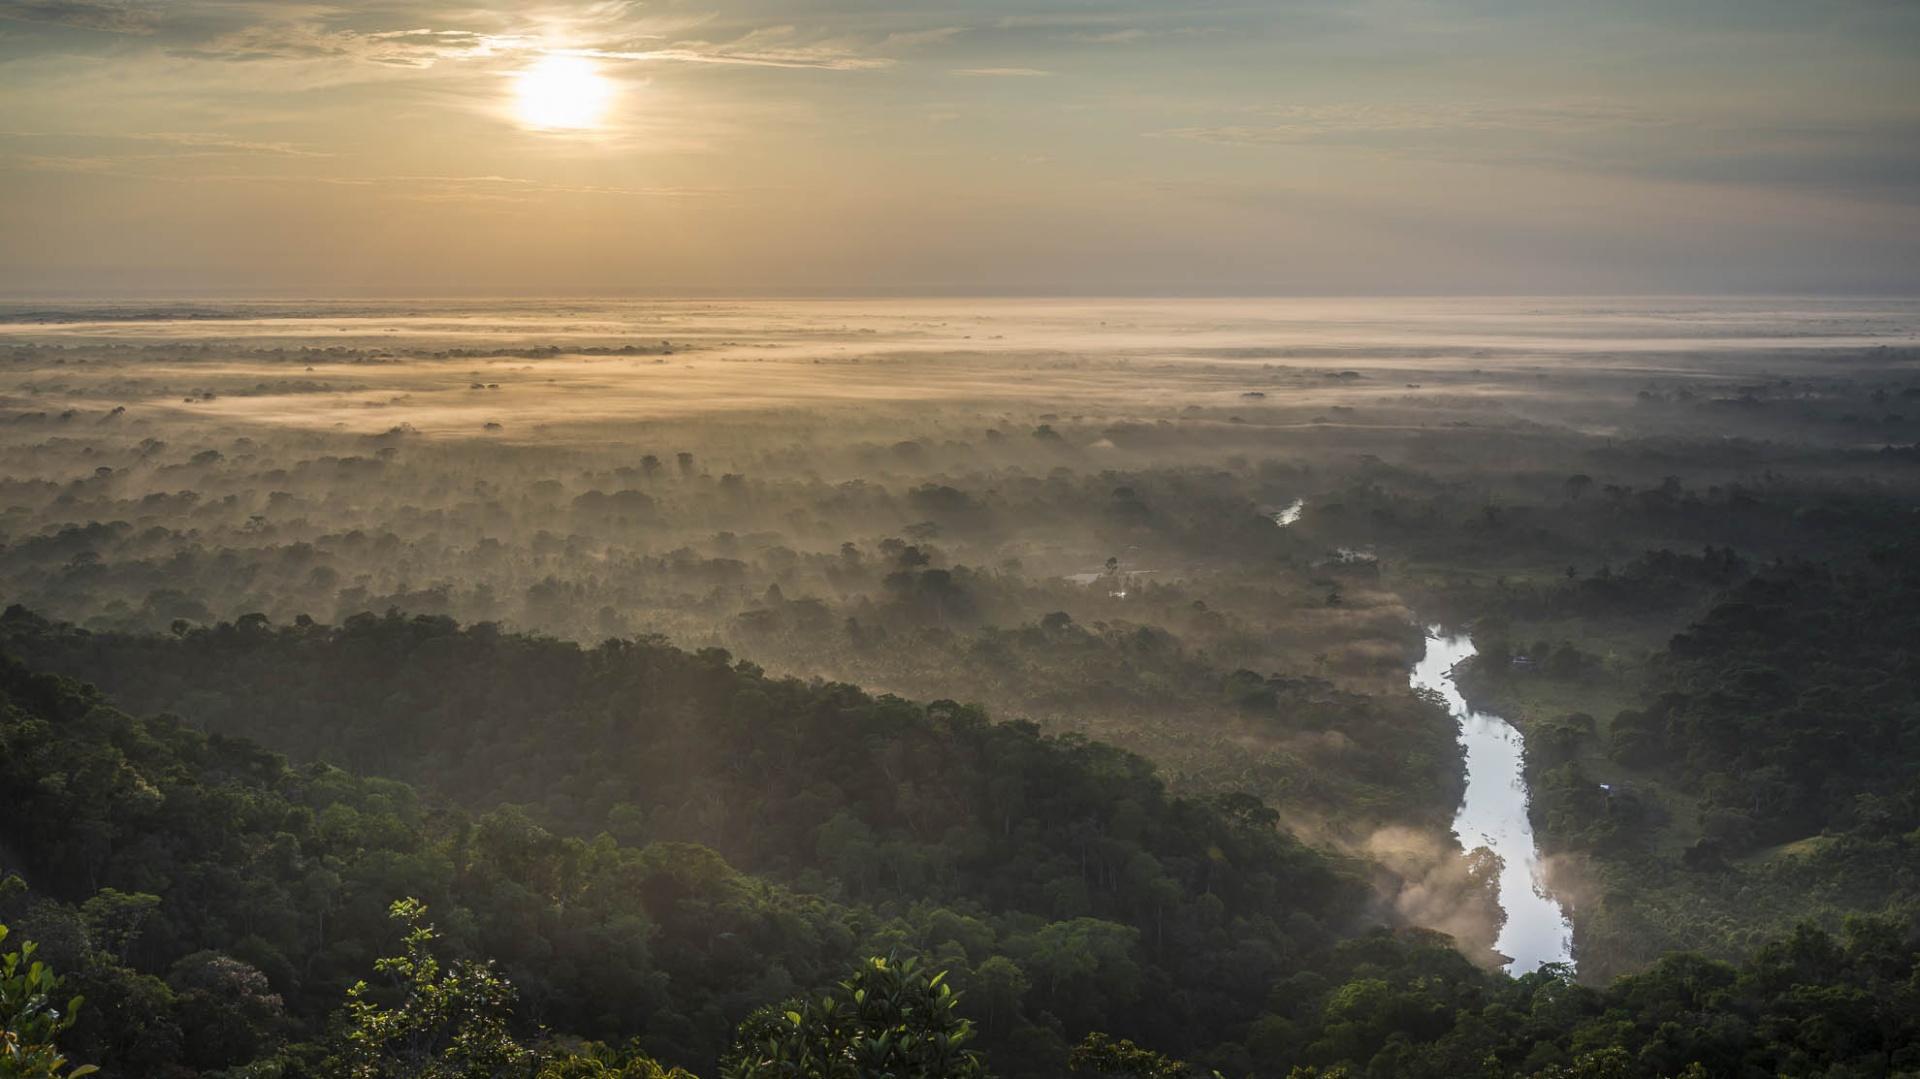 4 Tage Reisebaustein - Schiffsexpedition Anavilhanas in Kleingruppe auf dem Amazonas in Brasilien